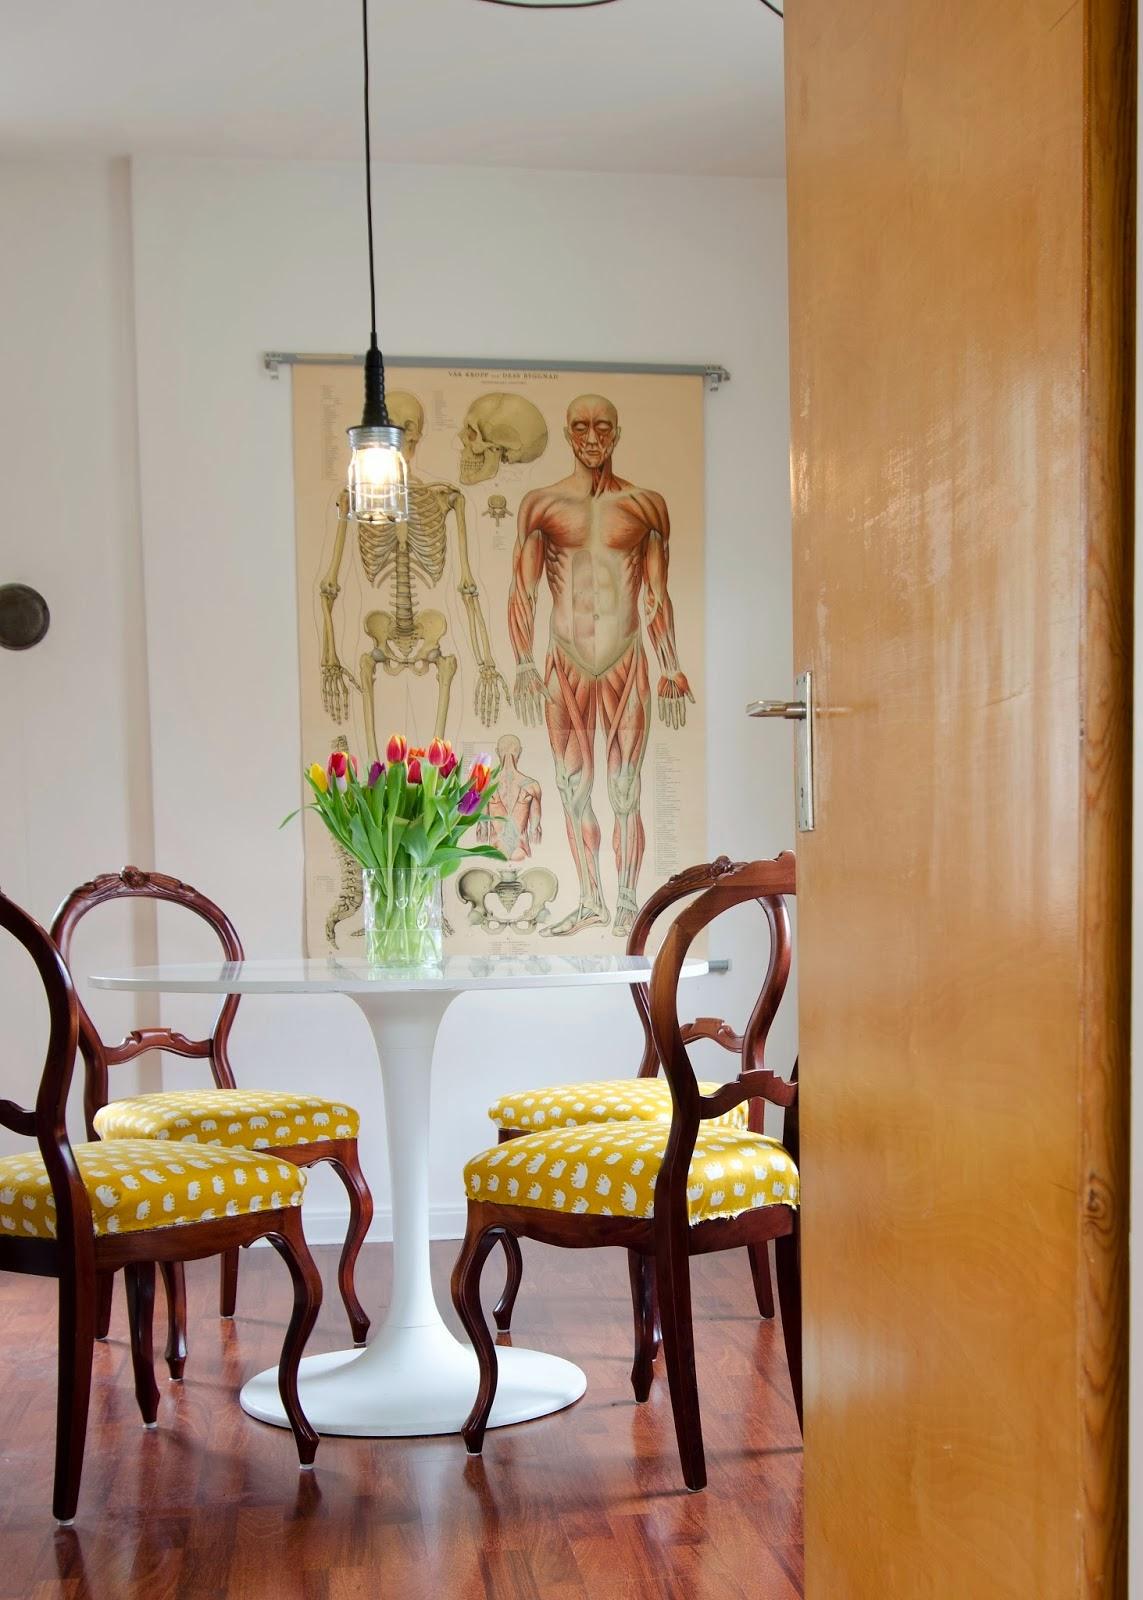 Palazzi Design och Interiör